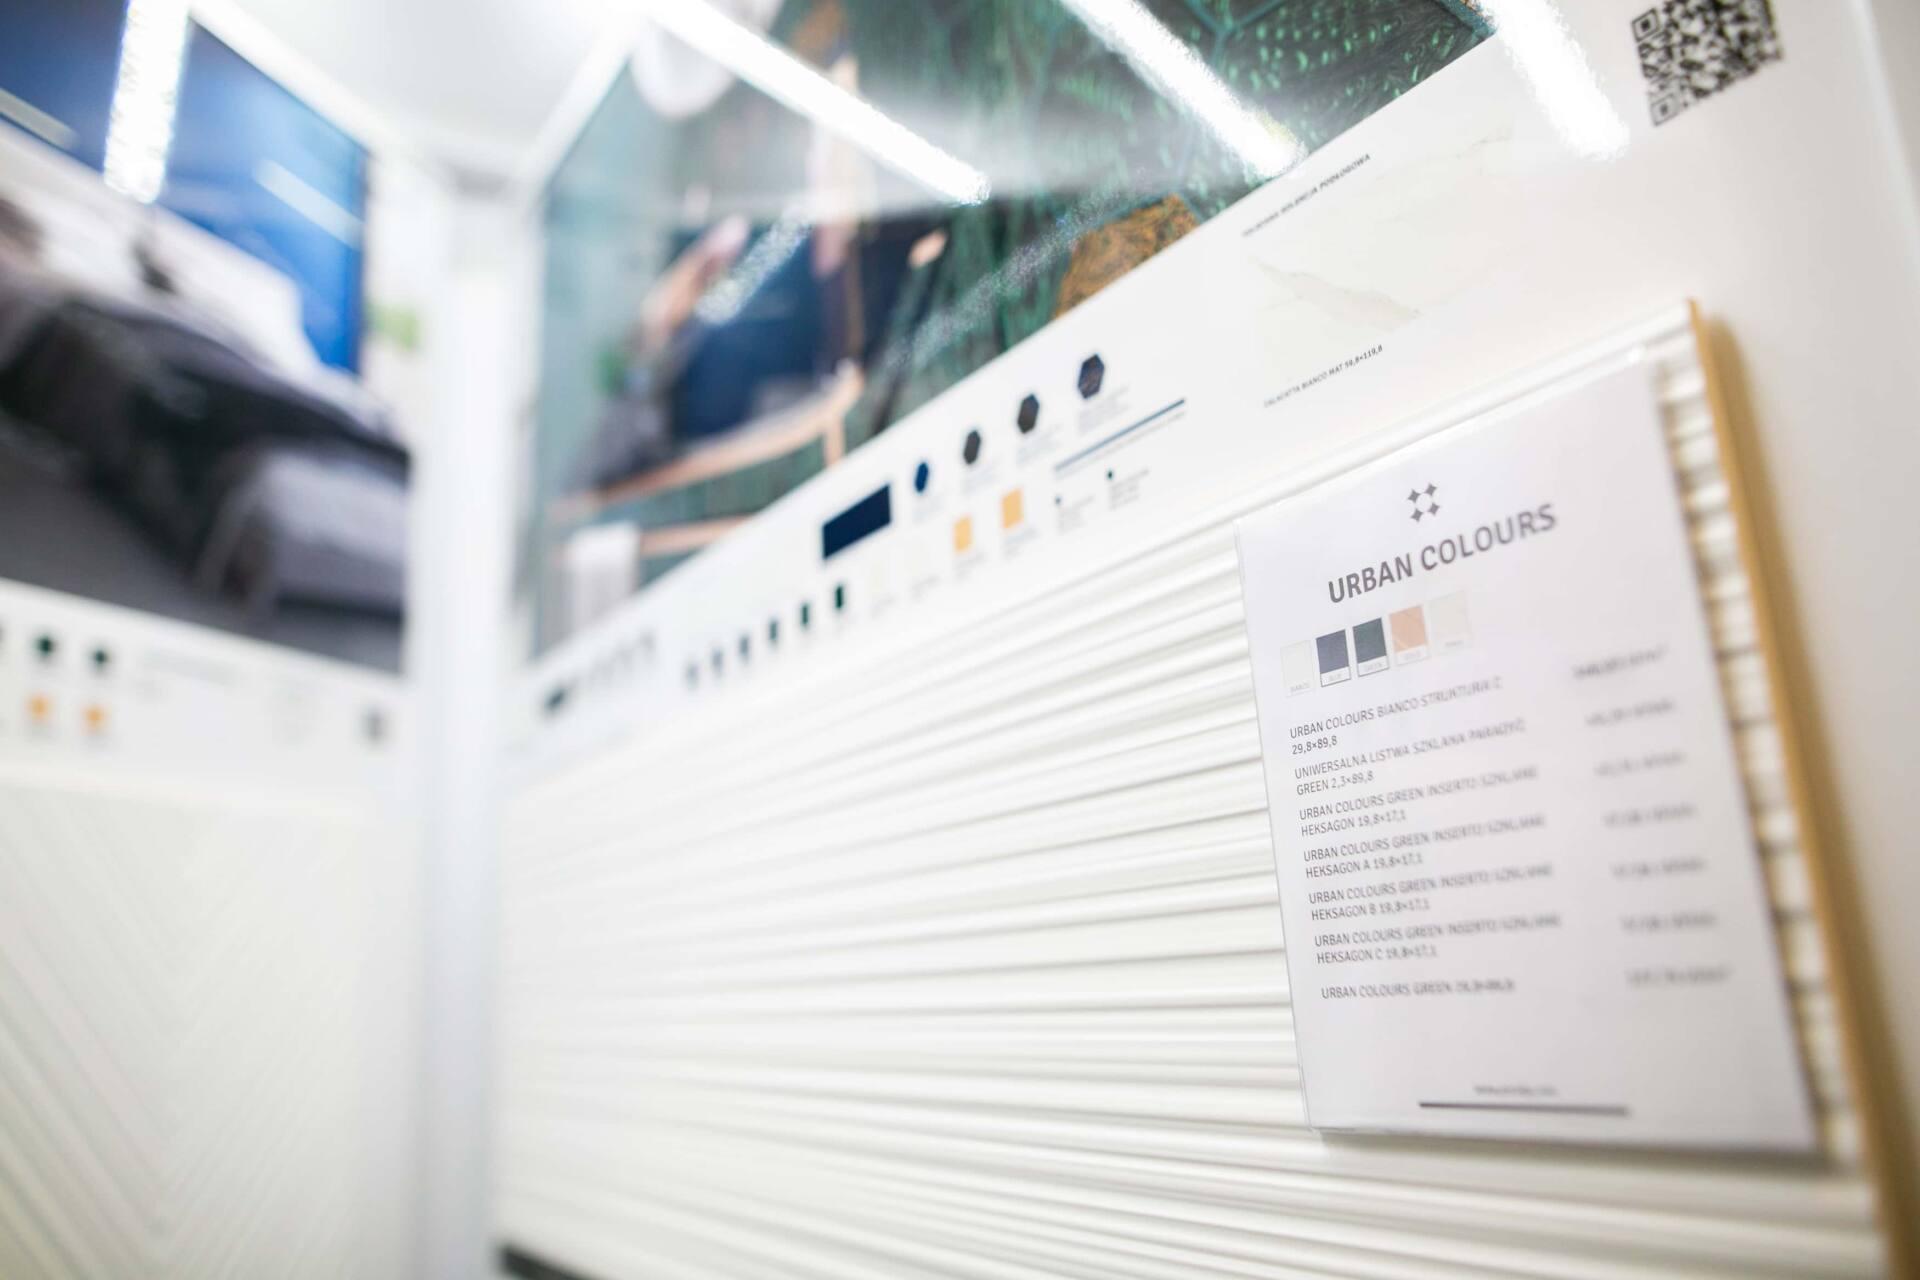 5db 5607 Nowy salon łazienek BLU w Zamościu już otwarty! Publikujemy 80 zdjęć